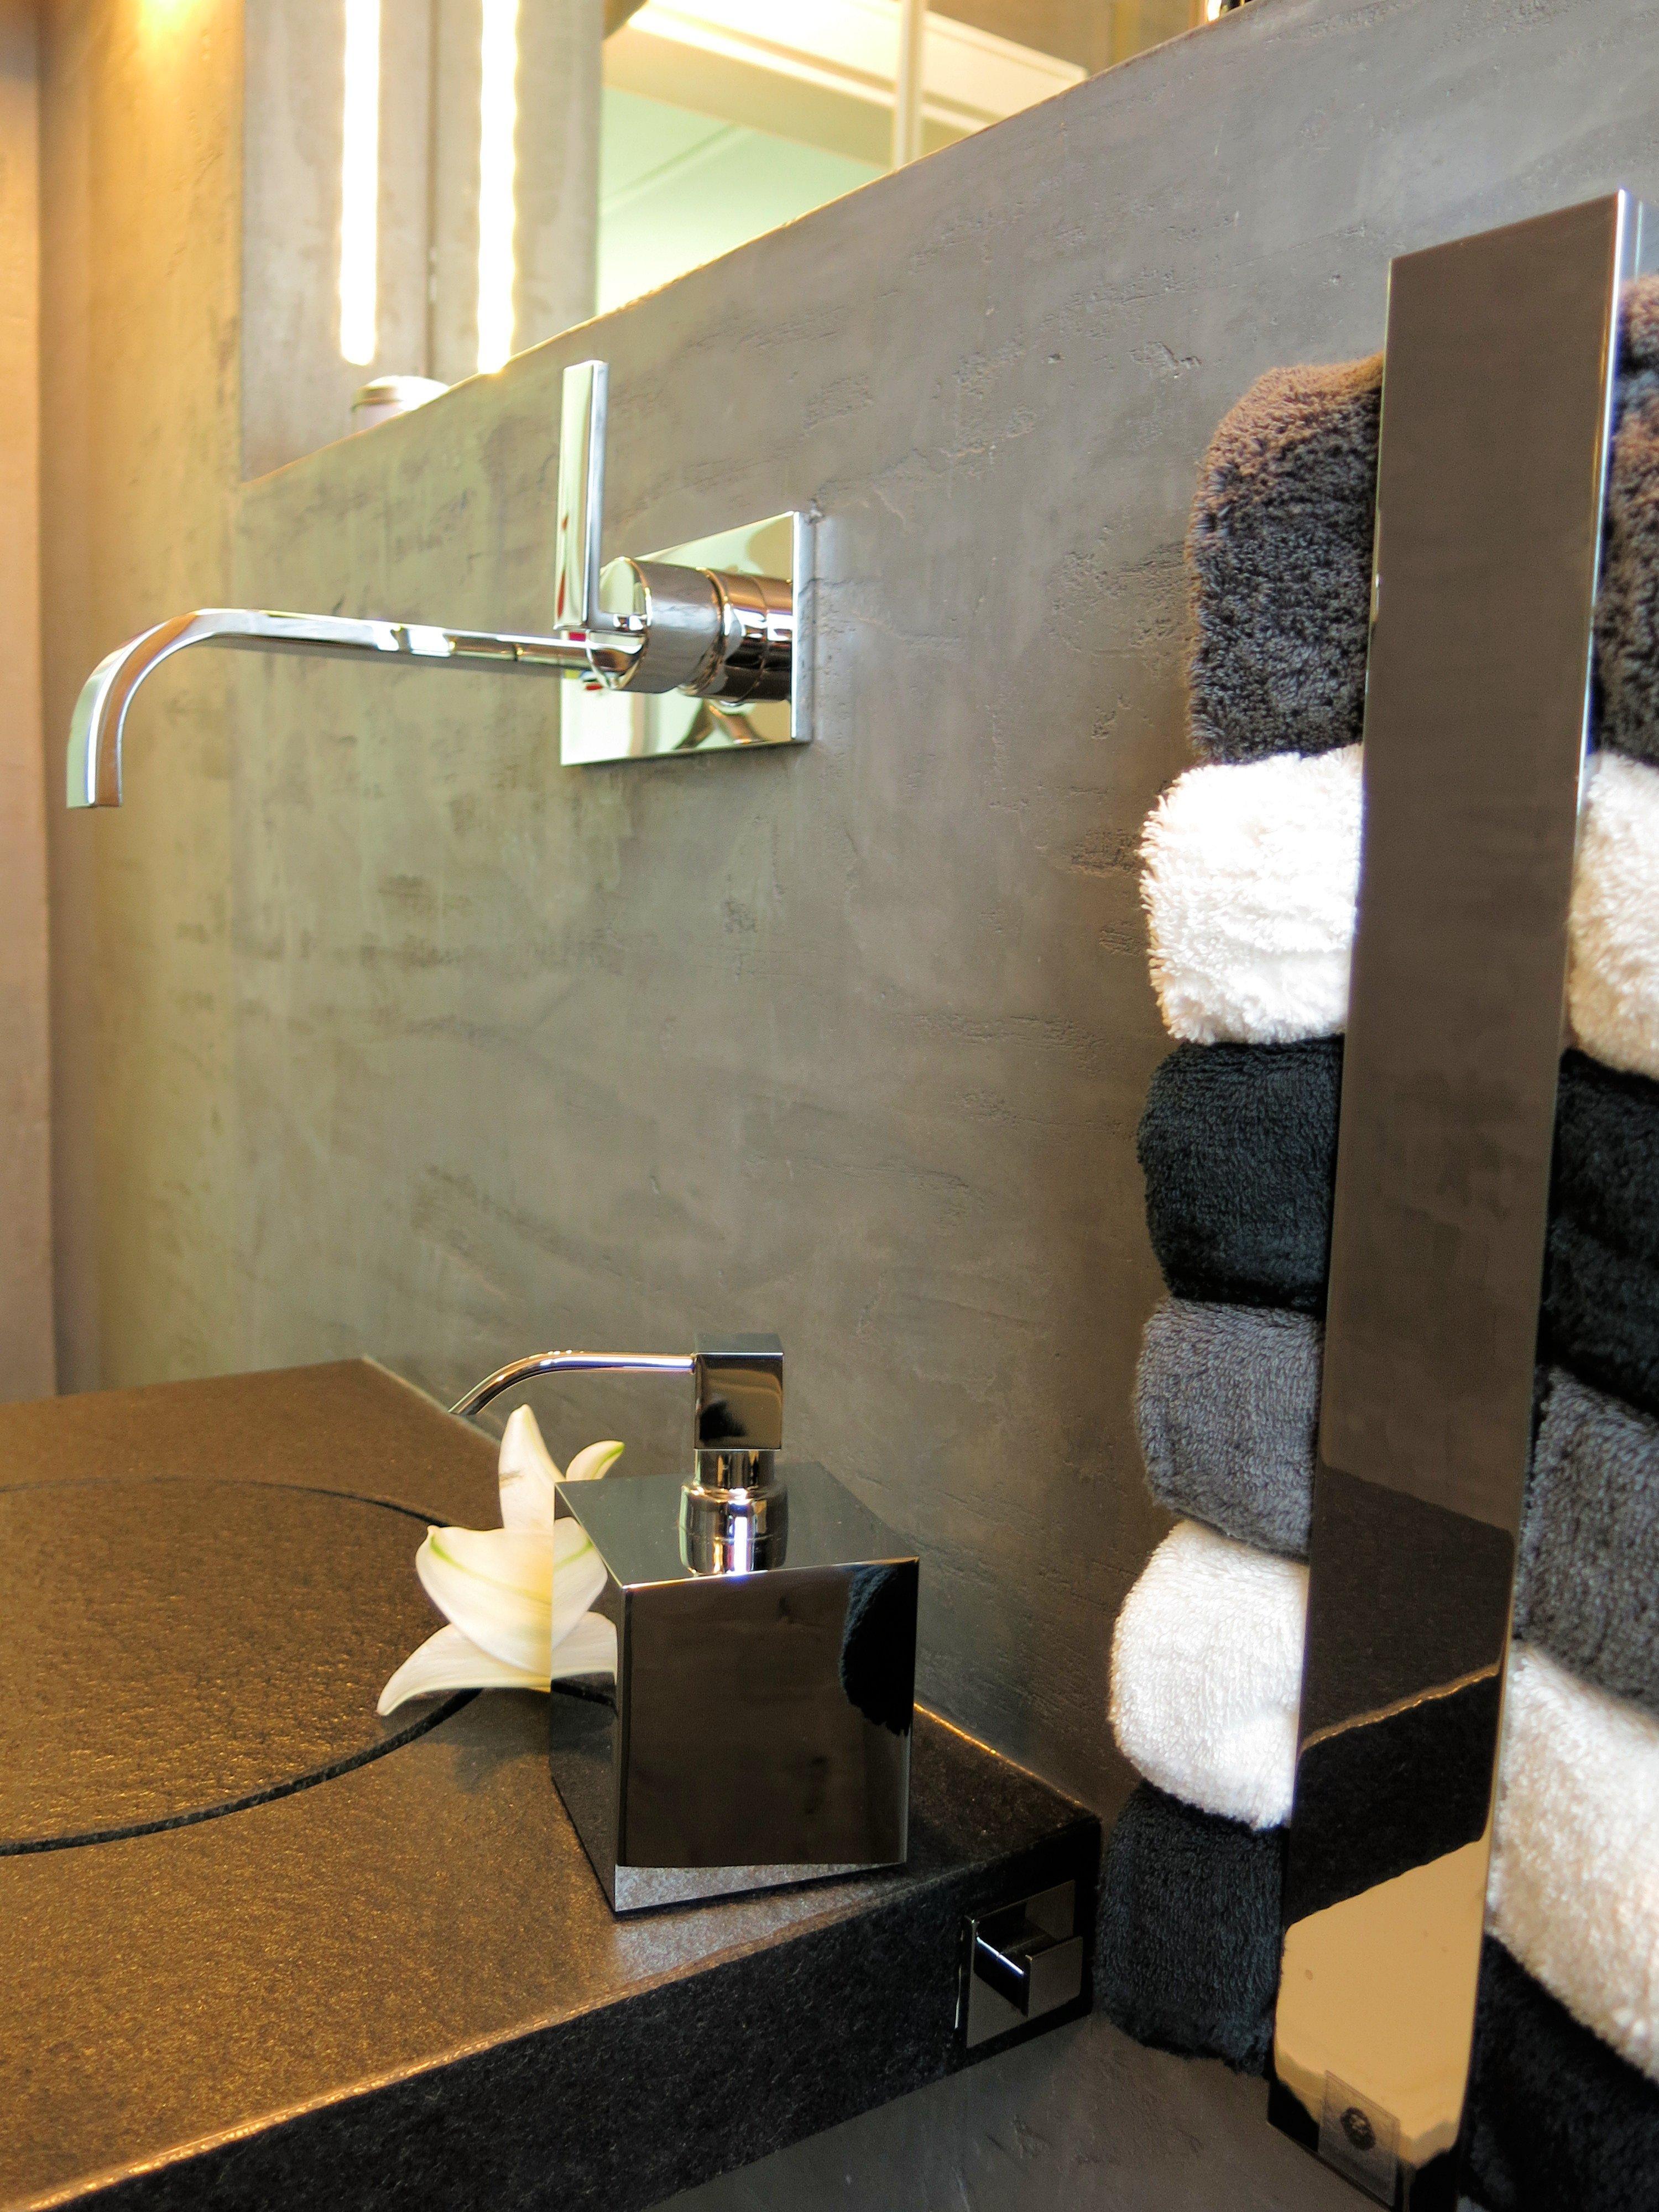 Modernes Fugenloses Bad Ganz Ohne Fliesen #waschbecken #wandspiegel  #handtuchhalter #seifenspender #grauewandfarbe